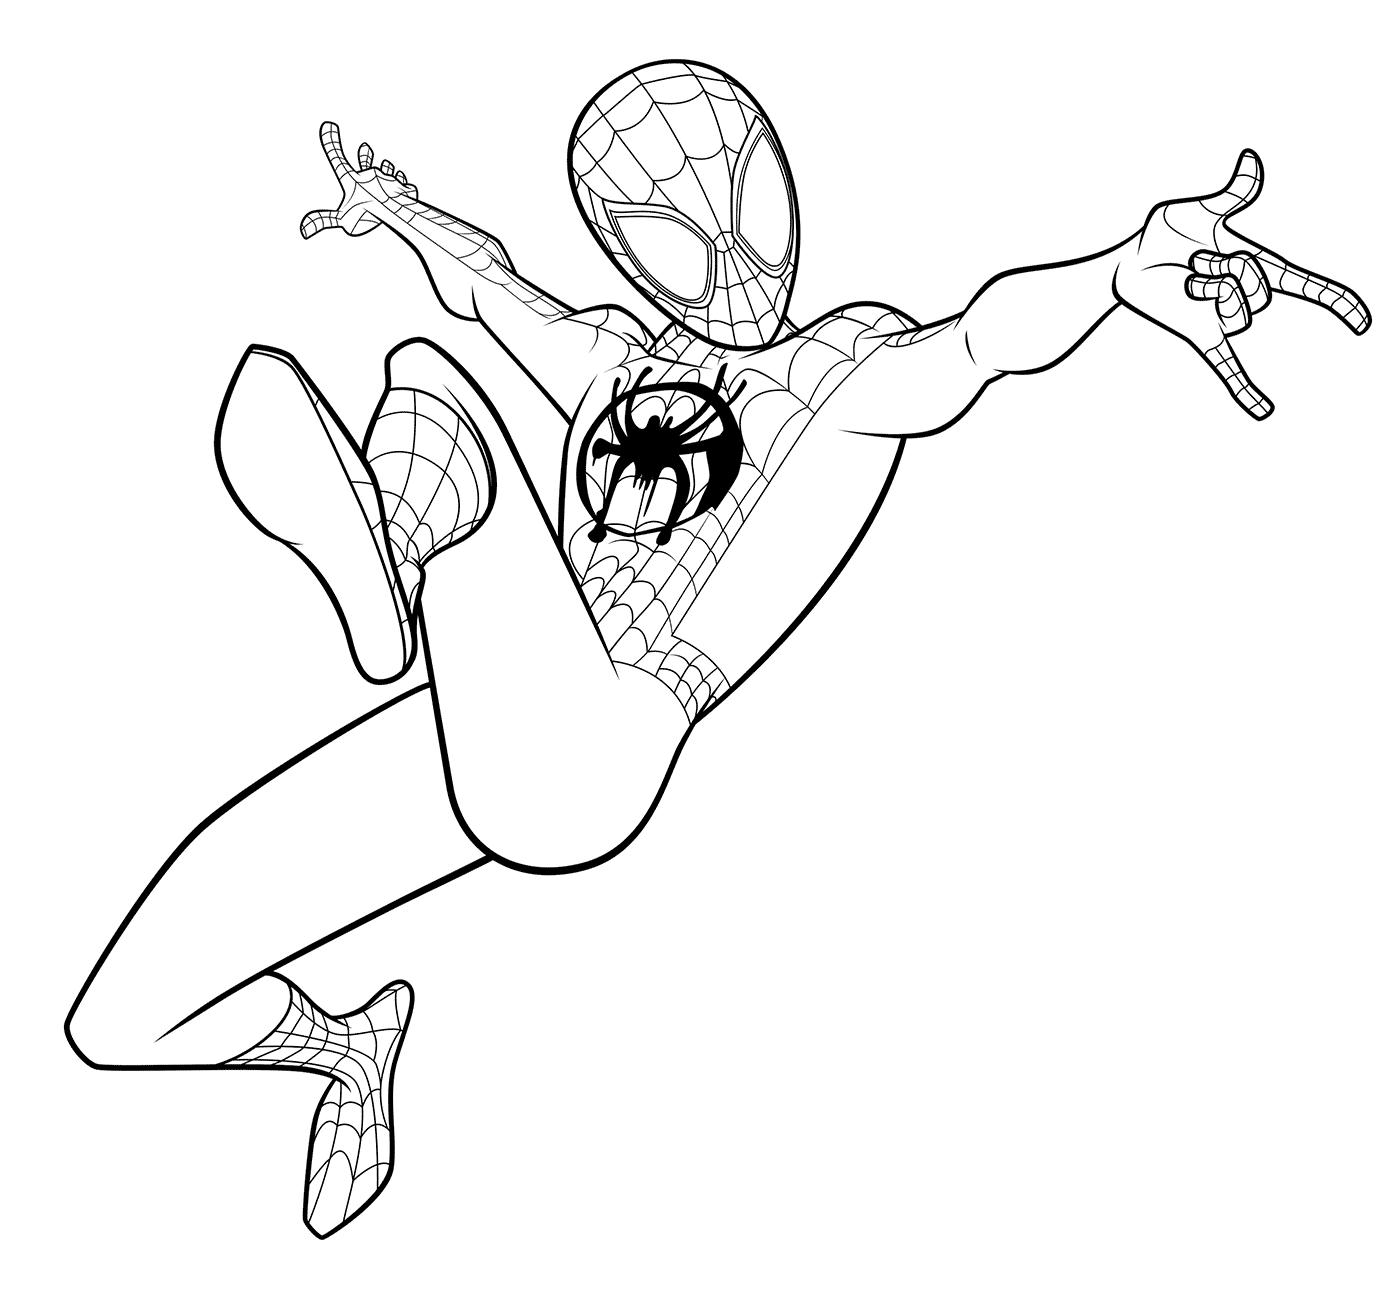 Ảnh tranh tô màu người nhện